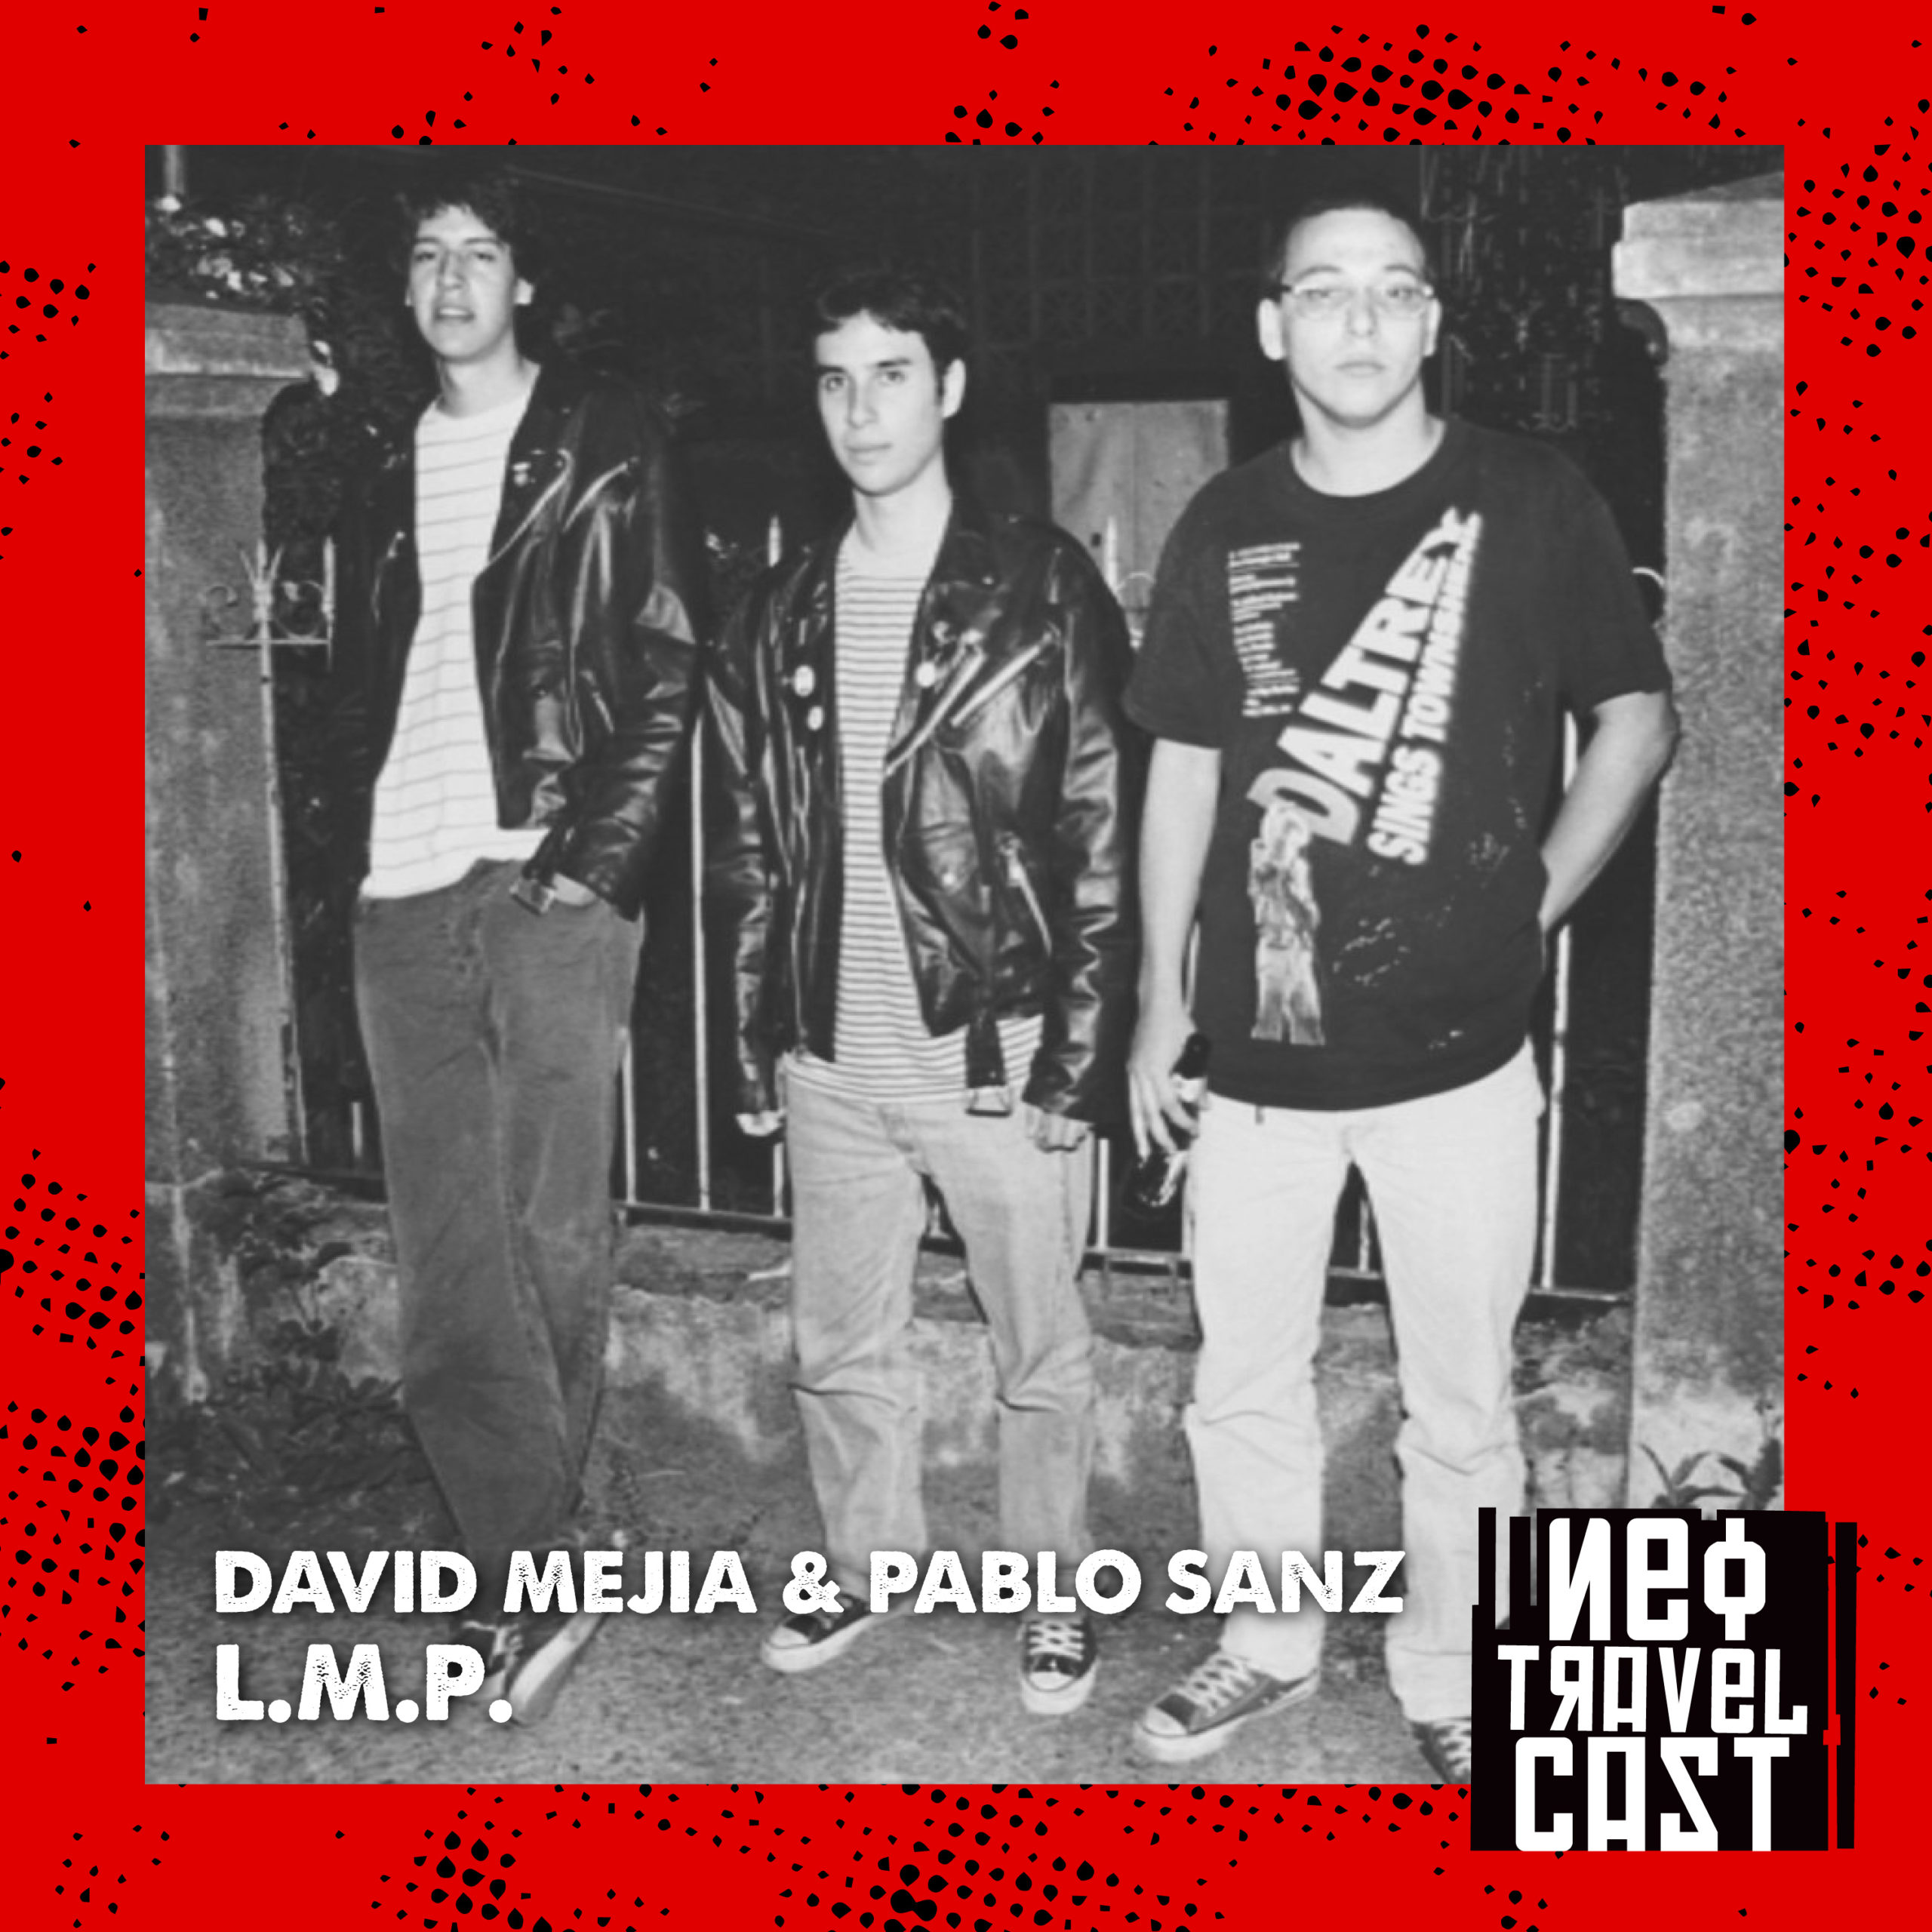 Tropical Punk Records presenta el Neo Travel Cast: La historia de LMP con David Mejía y Pablo Sanz